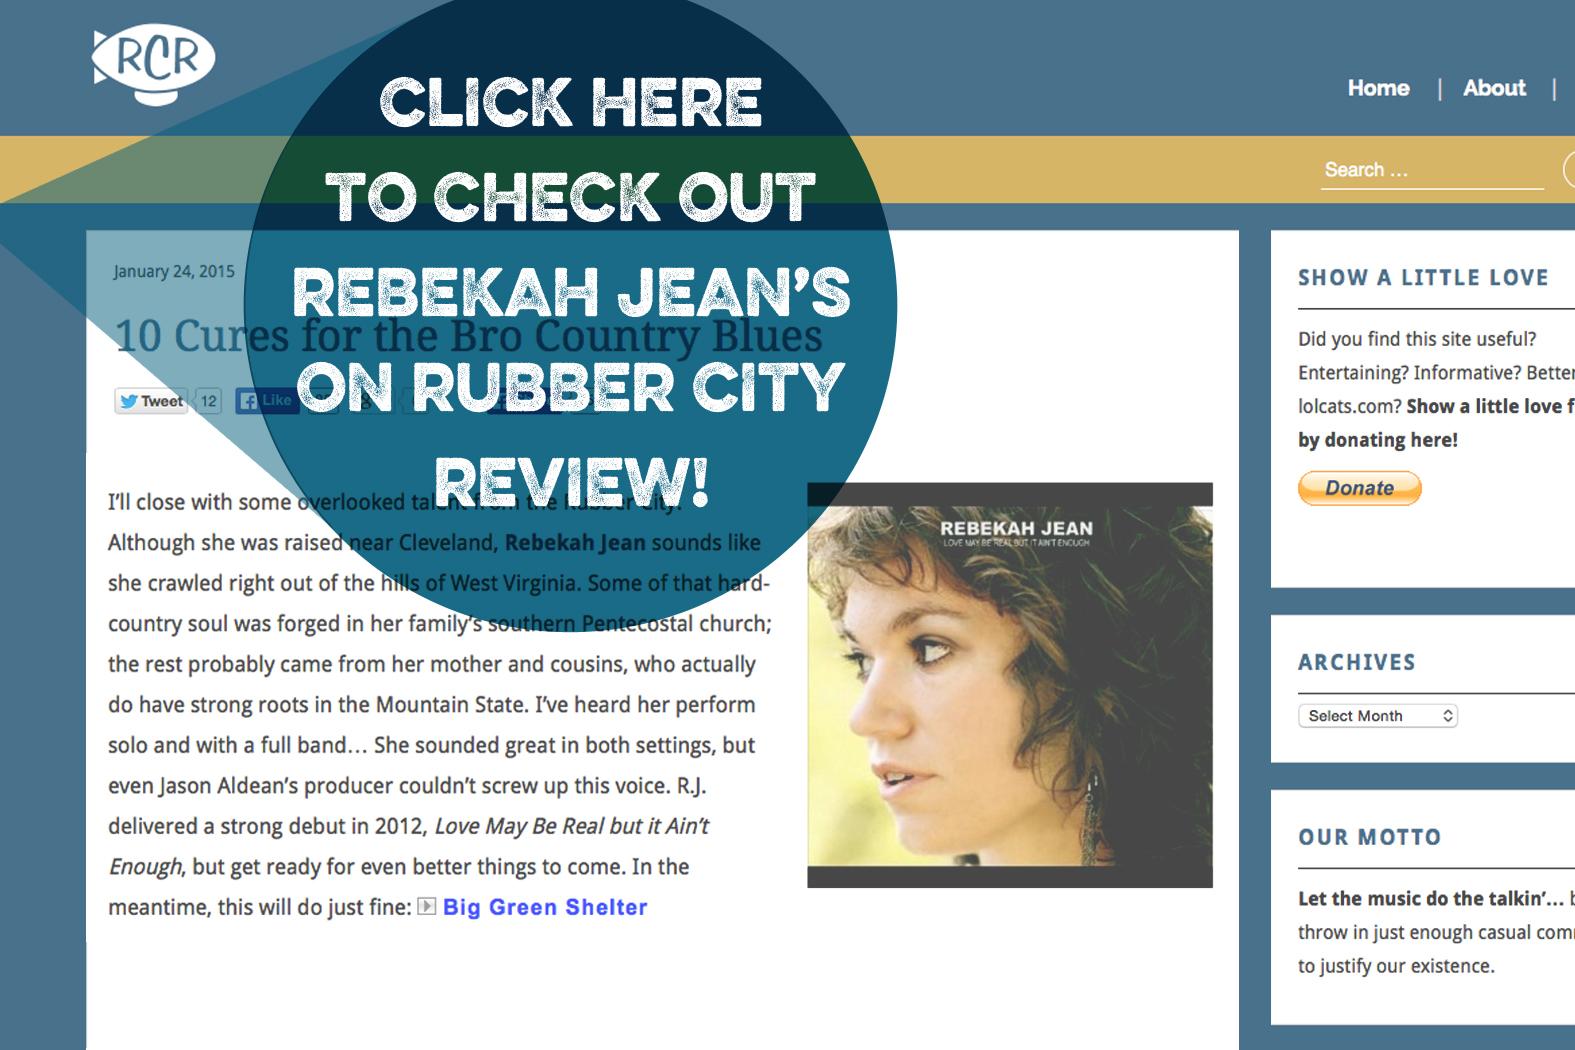 introslide_rebekahjean_review_02.jpg